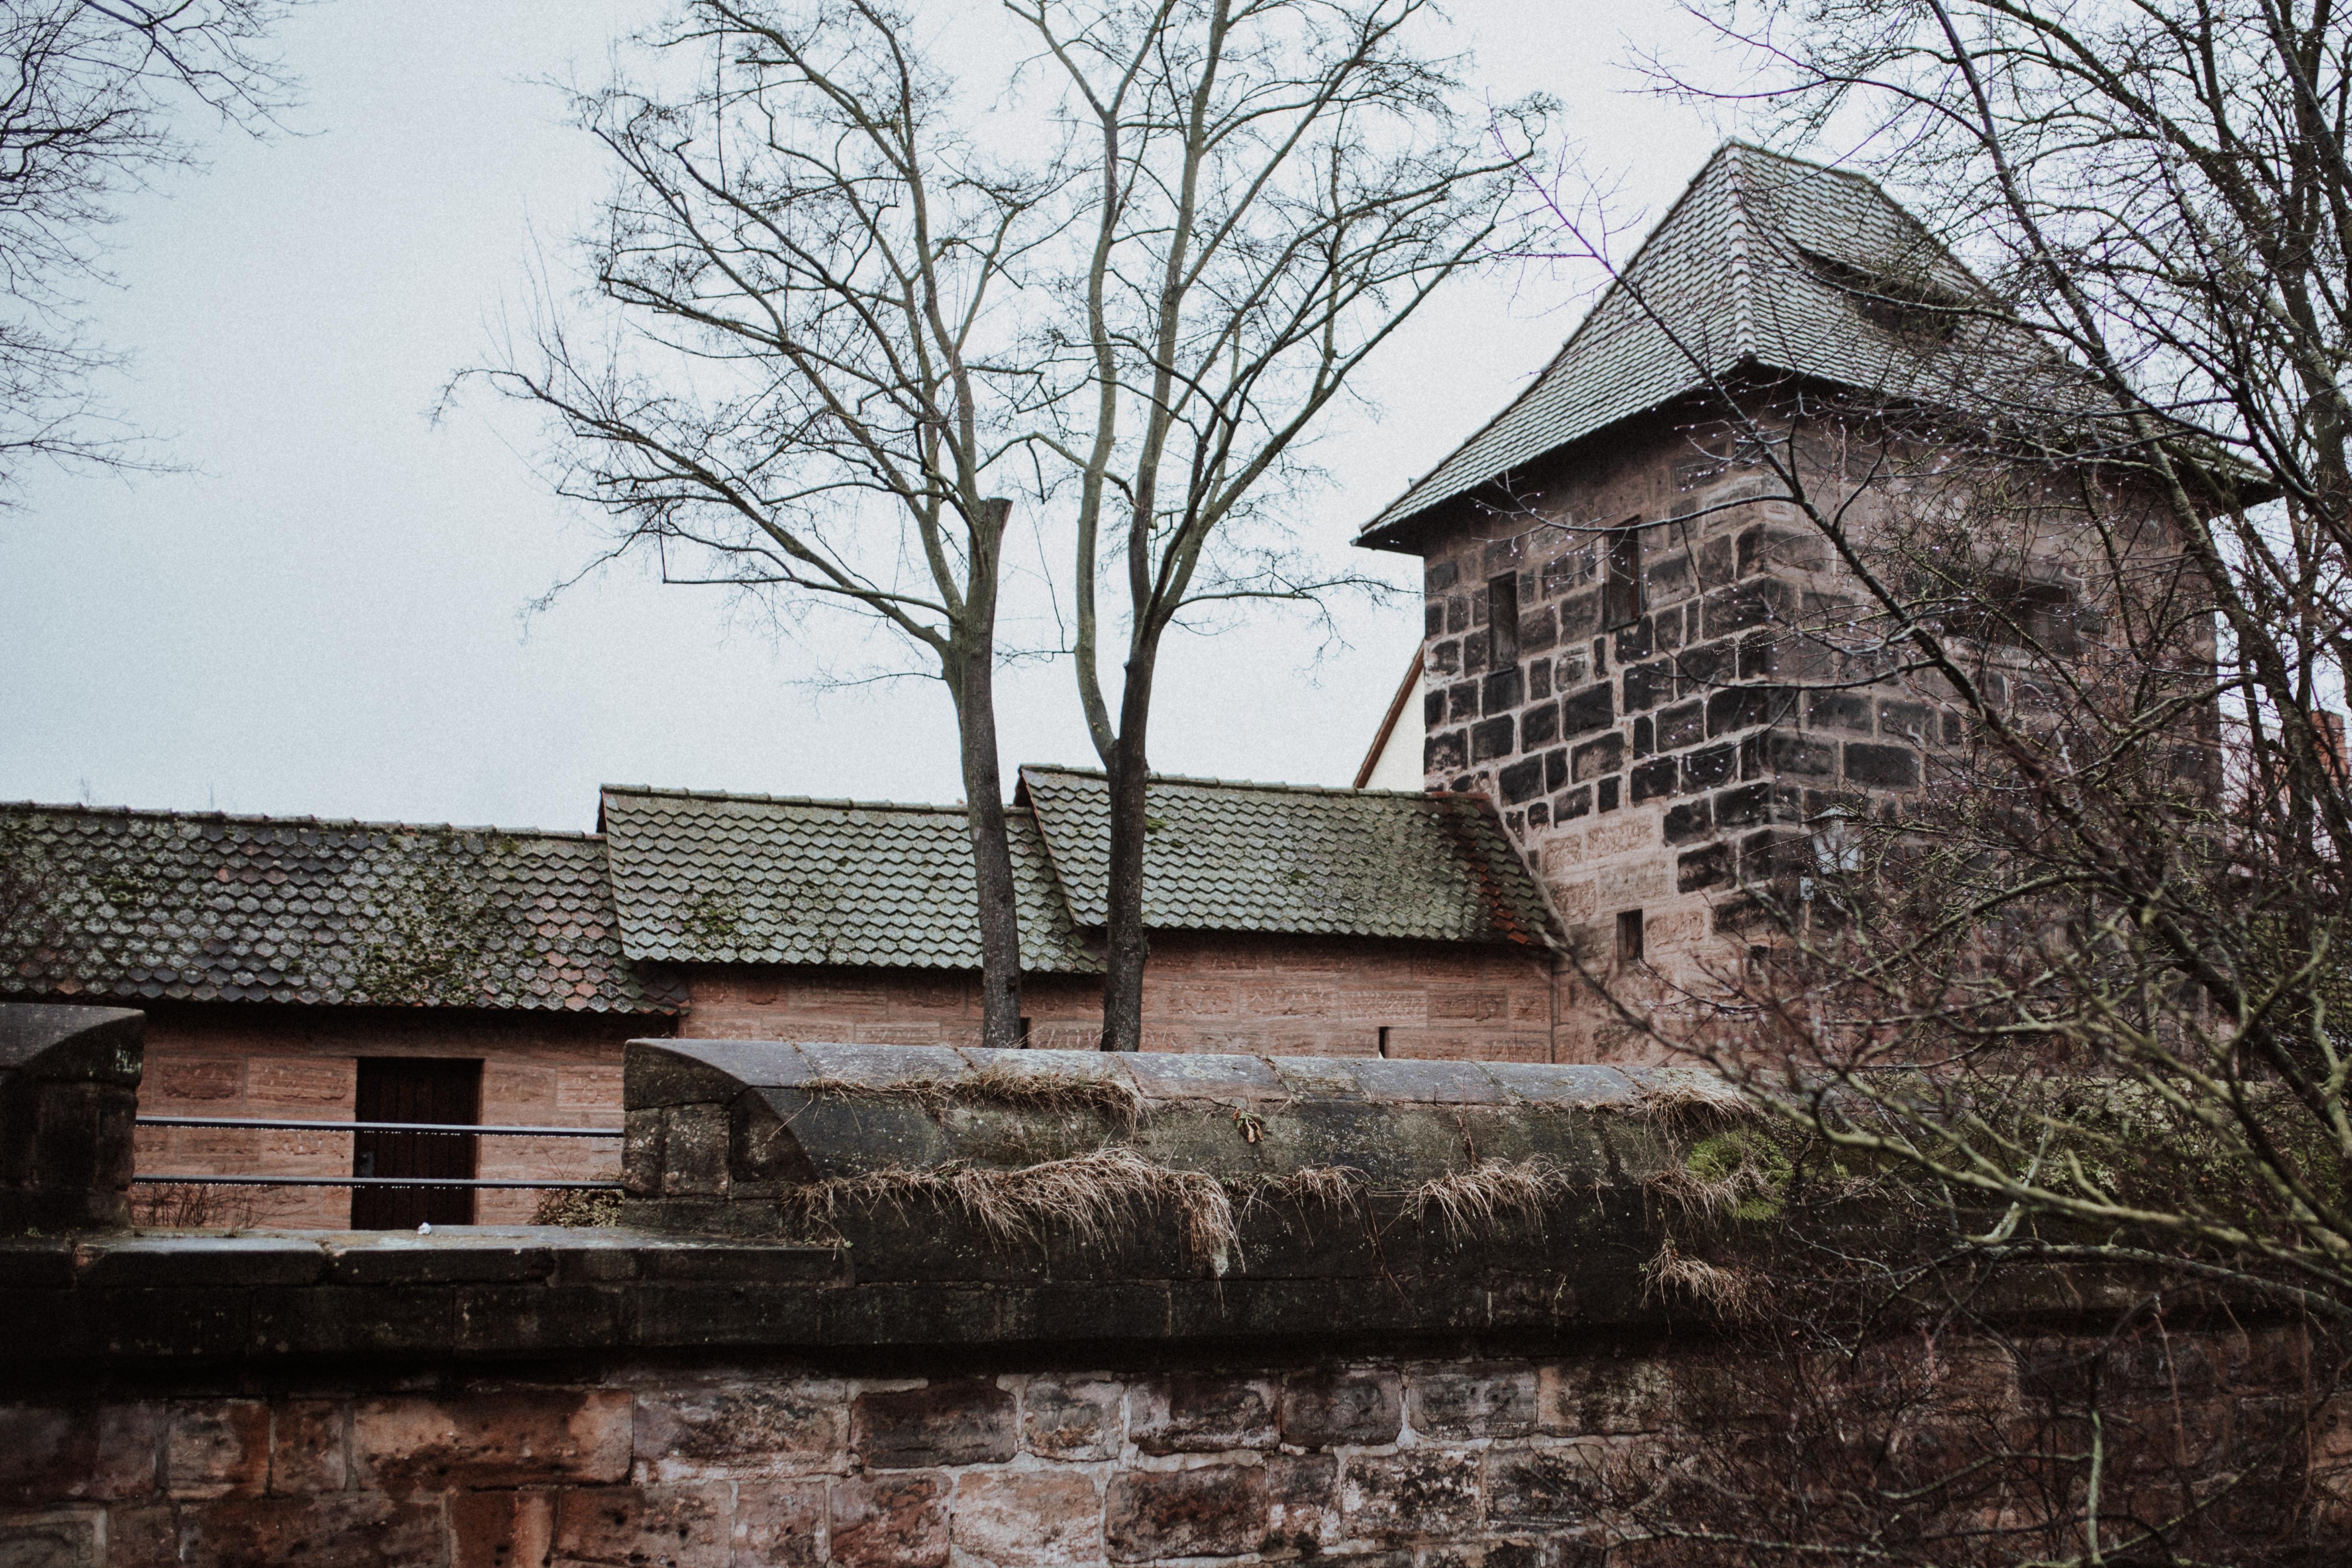 URBANERIE_Daniela_Goth_Hochzeitsfotografin_Nürnberg_Fürth_Erlangen_Schwabach_180120_0038